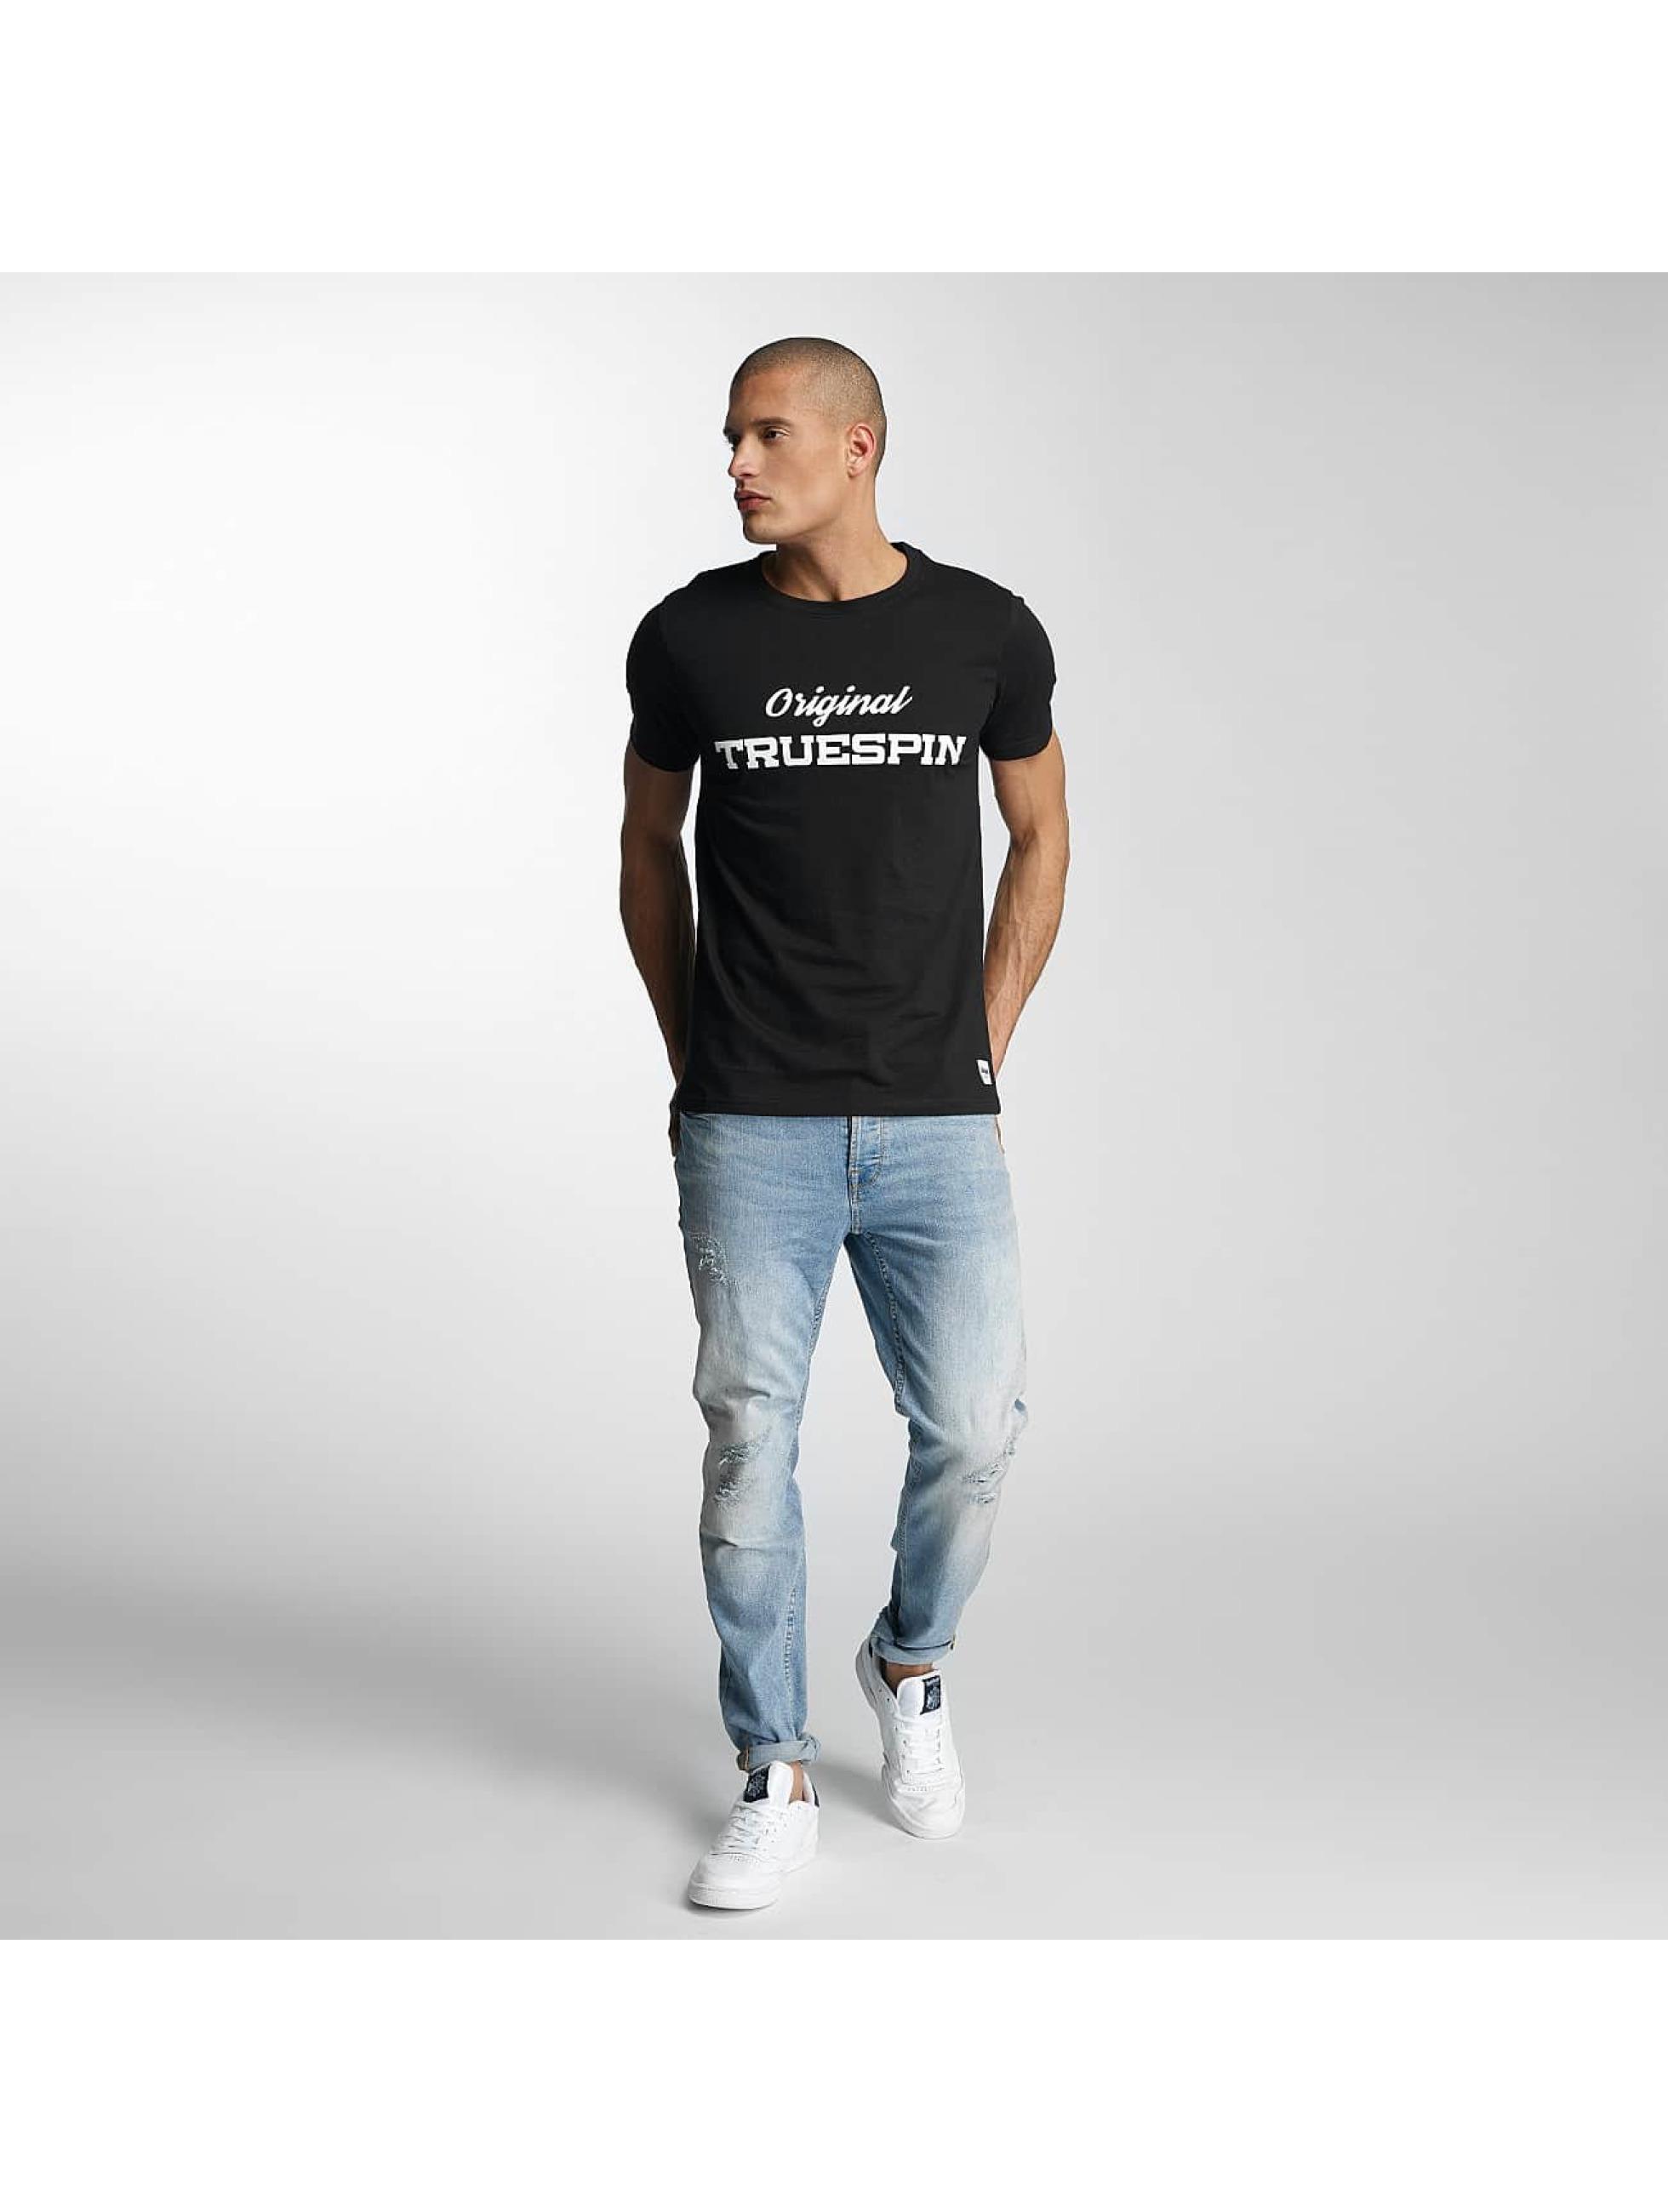 TrueSpin T-shirt 3 nero